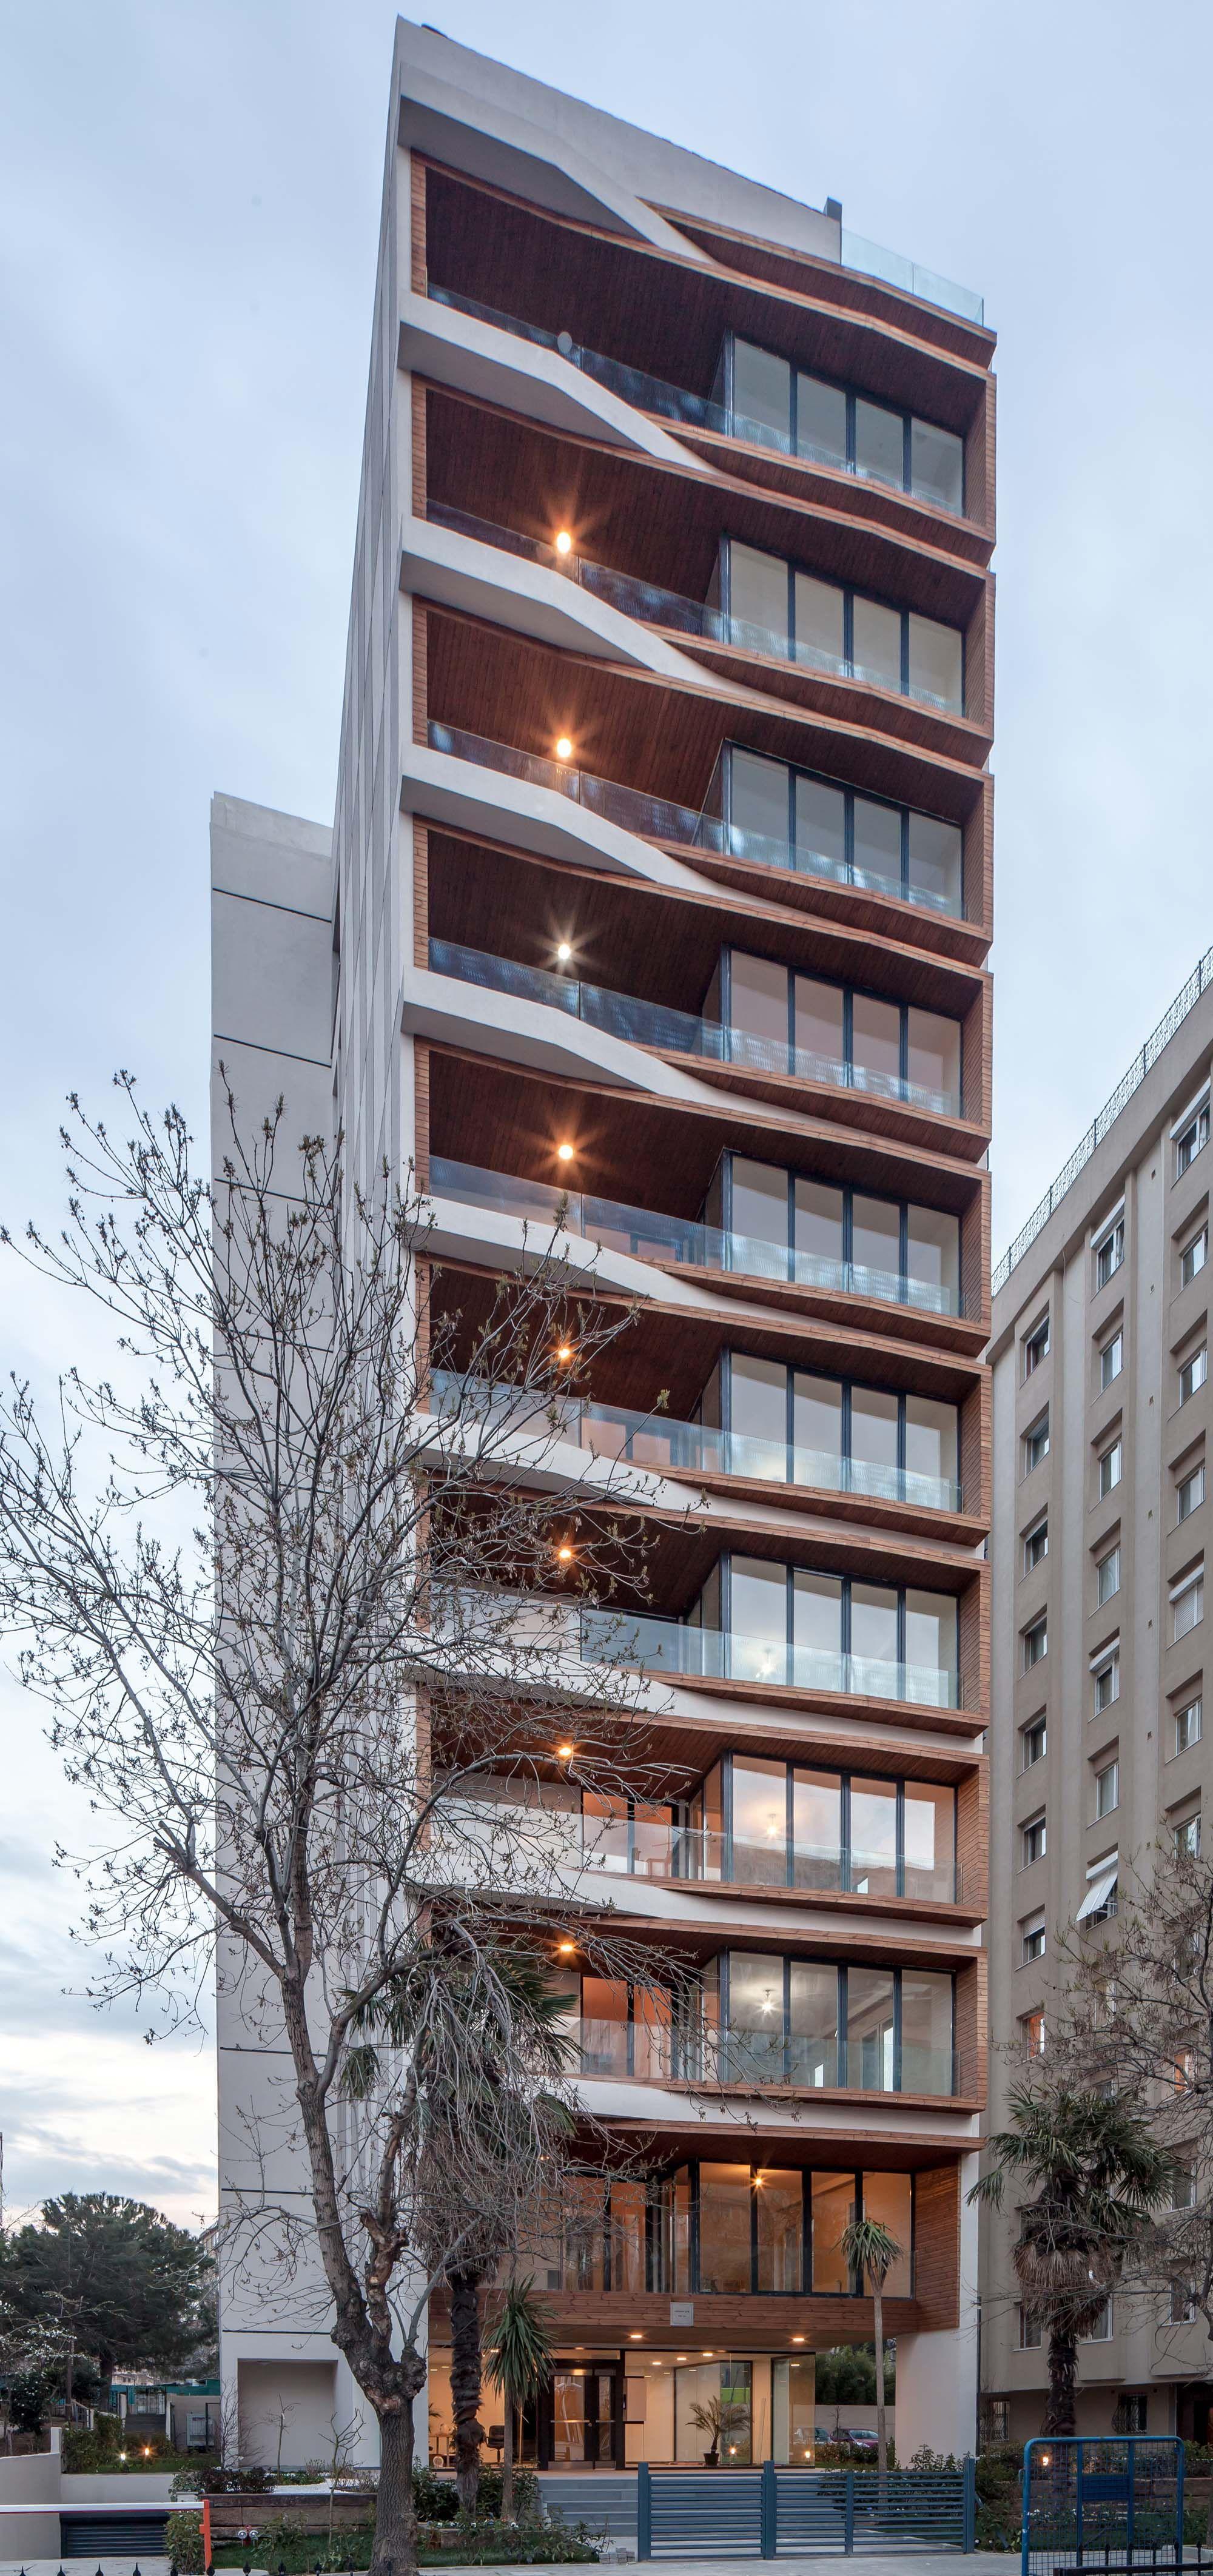 Pin by william porter on architecture and design pinterest architektur futuristische - Futuristische architektur ...